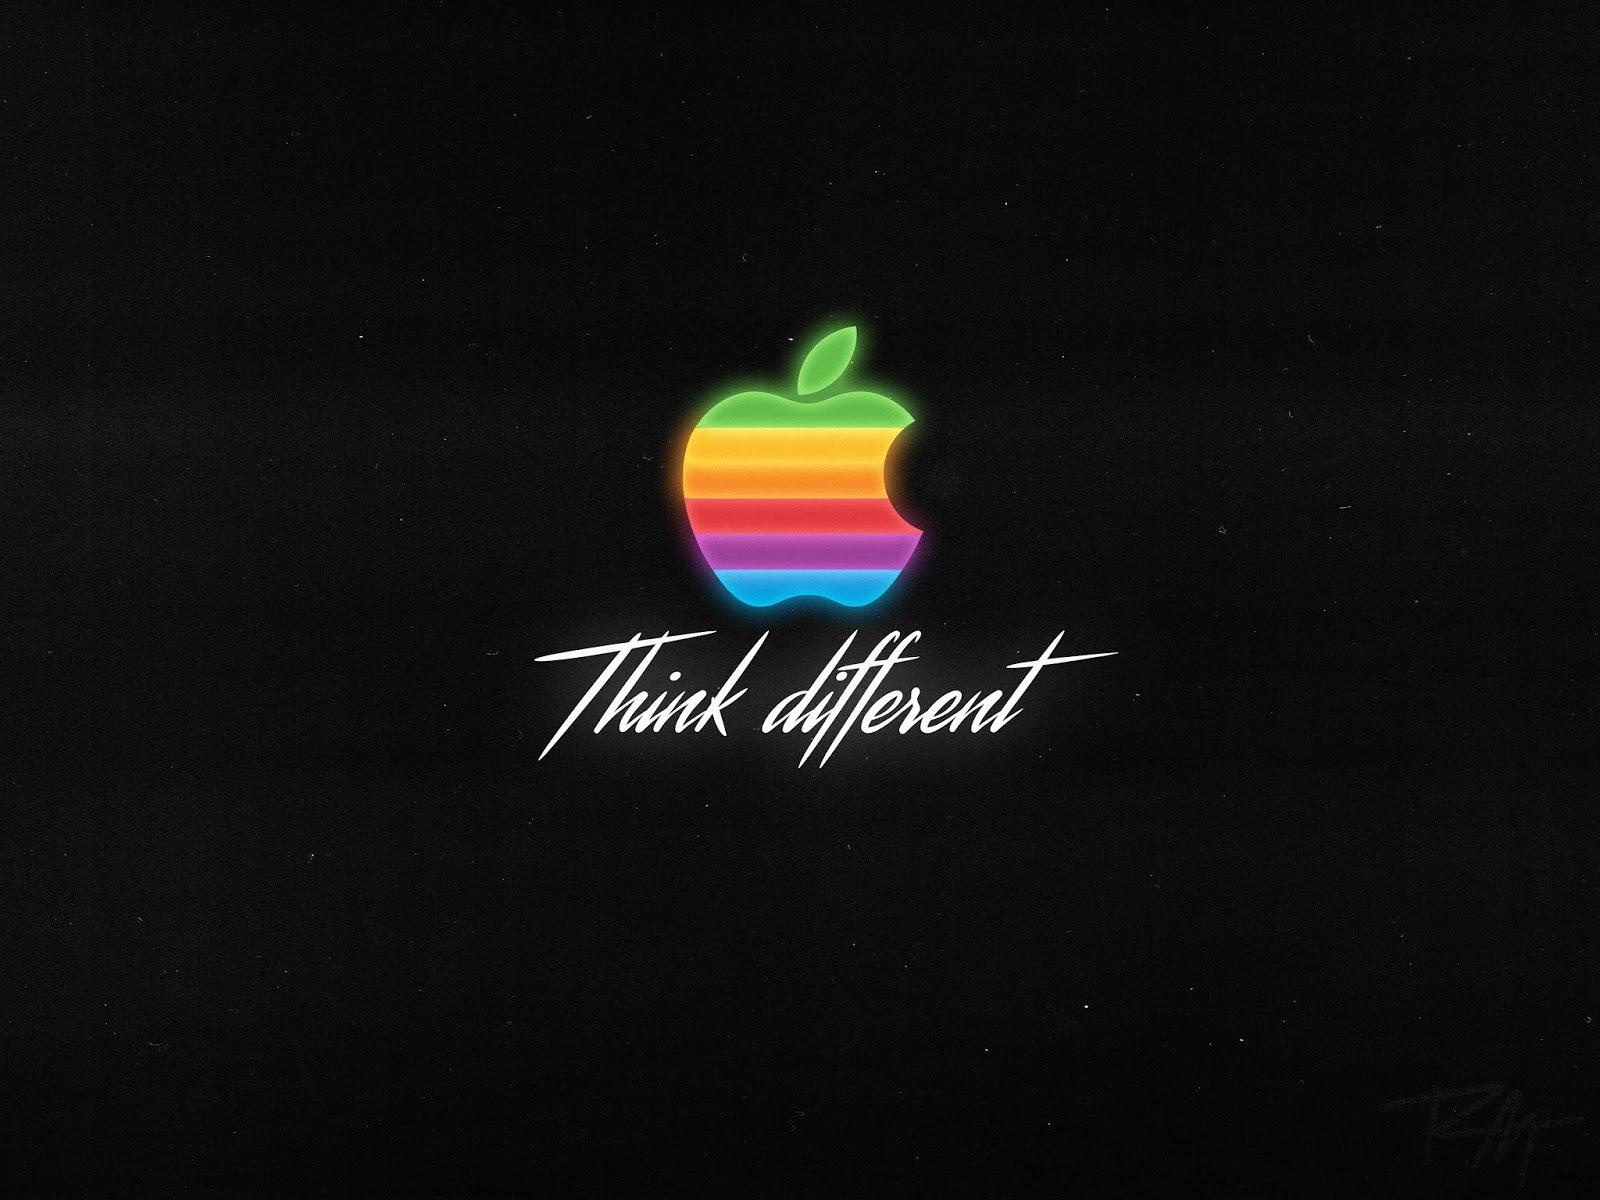 Apple, Think Different, Logo, Dark Background, HD, 4K, Technology